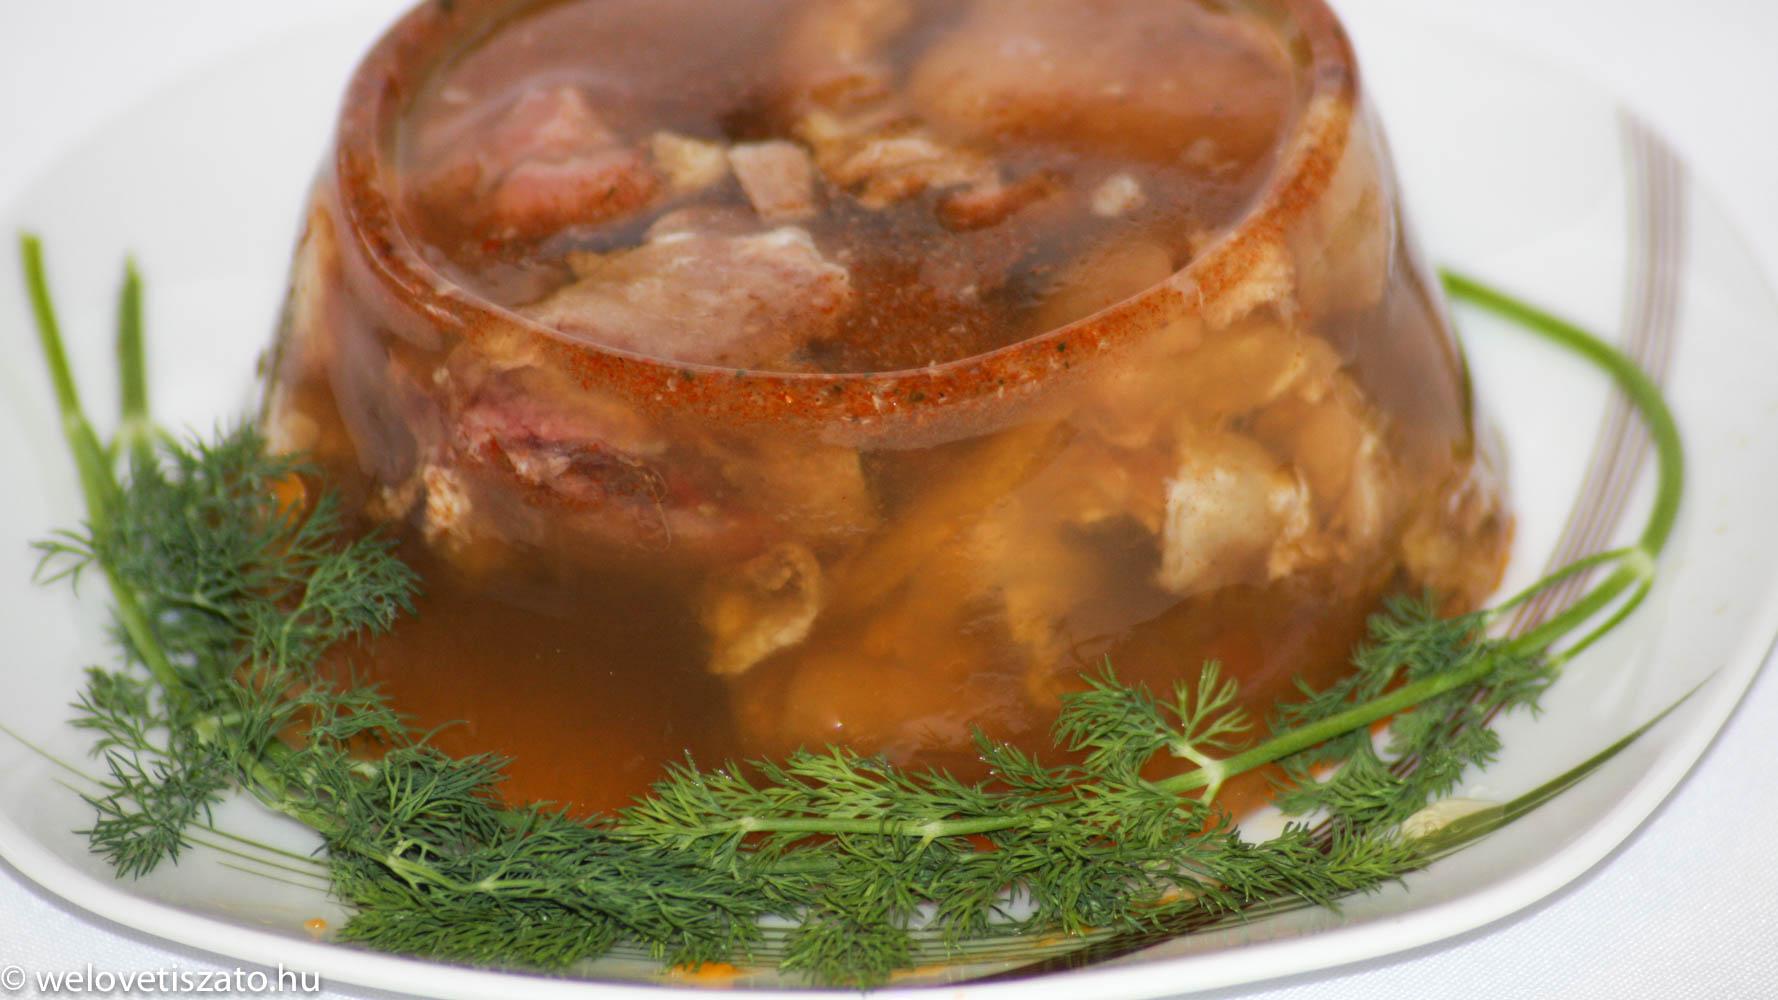 kocsonyateszt - sertés kocsonya Kormorán étterem